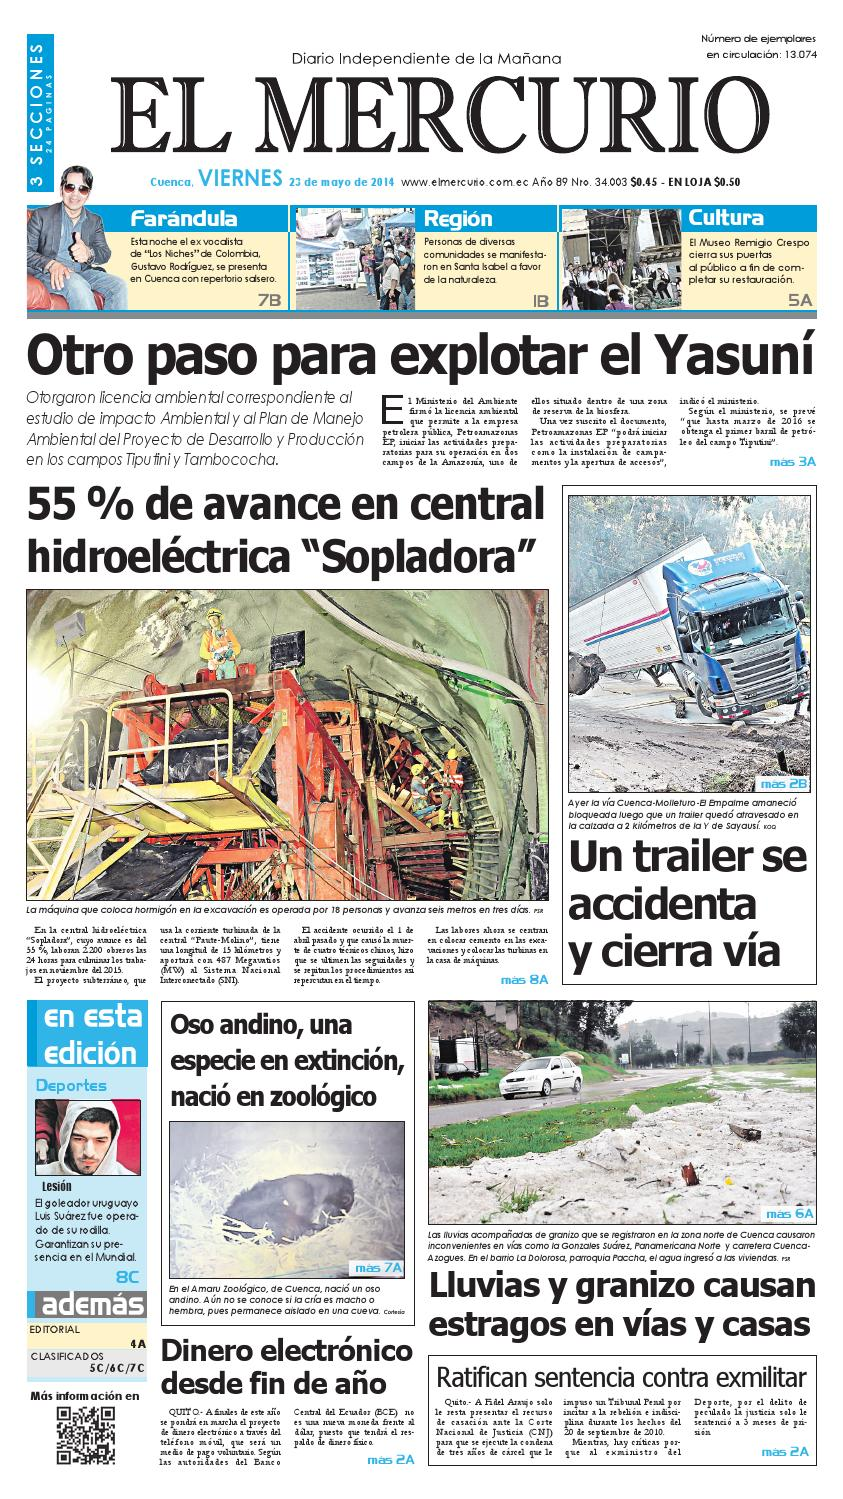 hemeroteca 23-05-2014 by Diario El Mercurio Cuenca - issuu